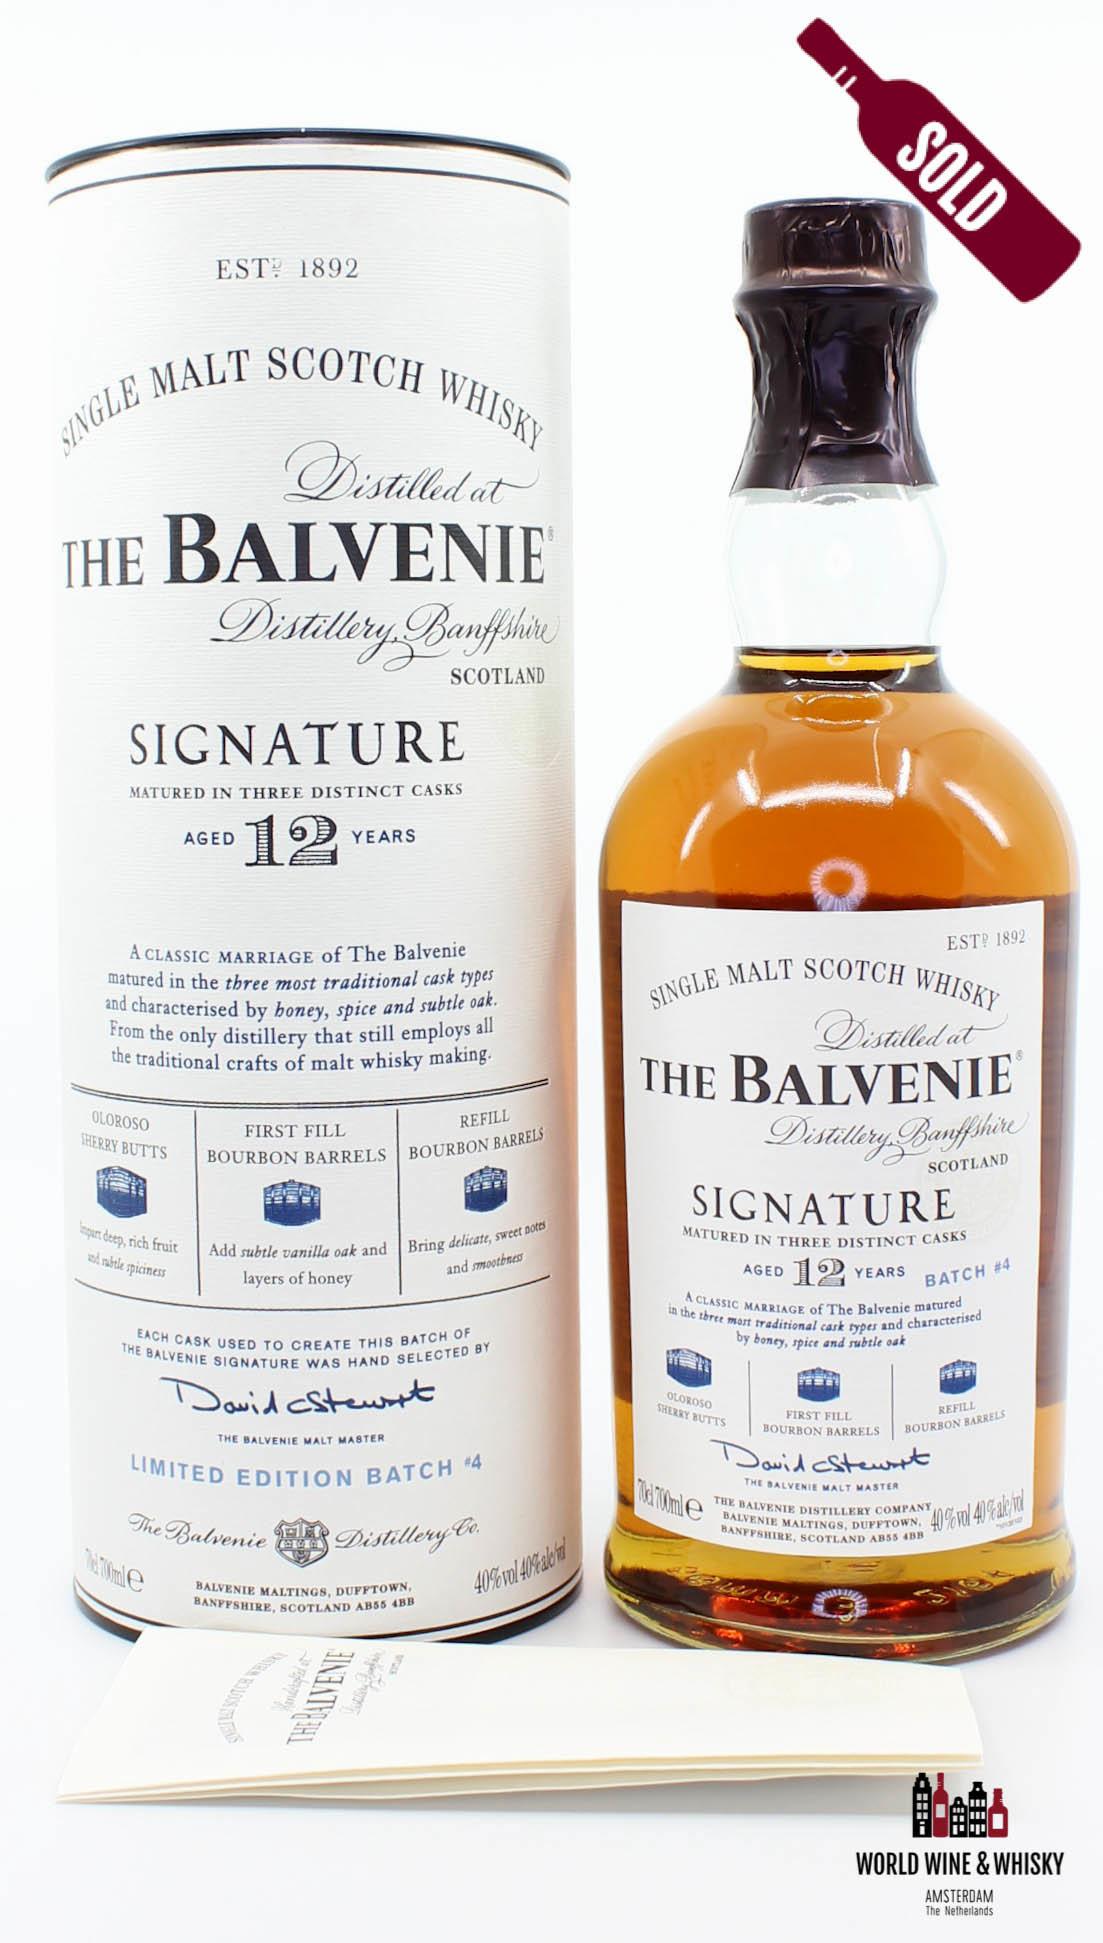 Balvenie Balvenie 12 Years Old Signature Batch #4 - Three Distinct Casks 40%